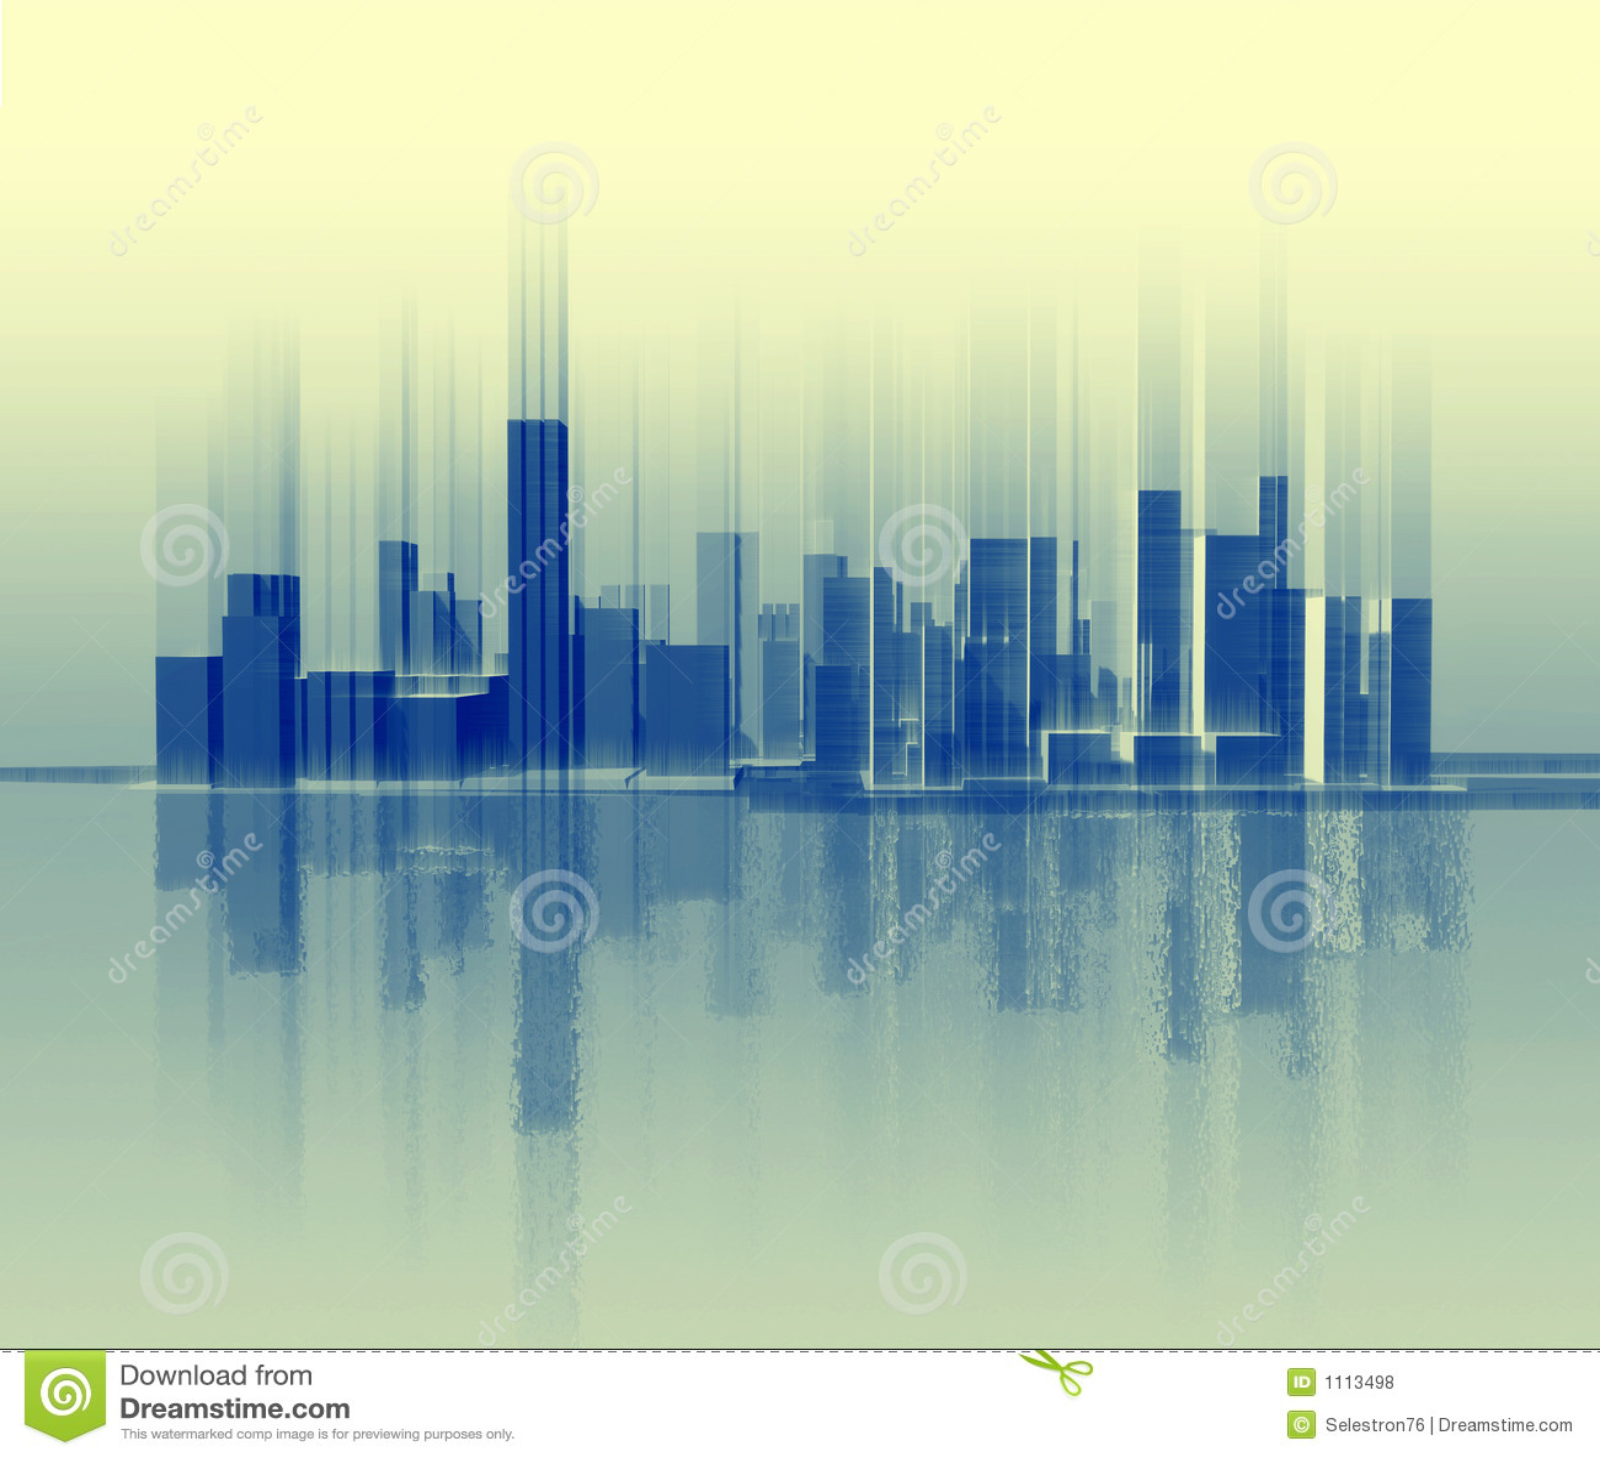 Silhouette de la ville qui est semblable à une onde sonore